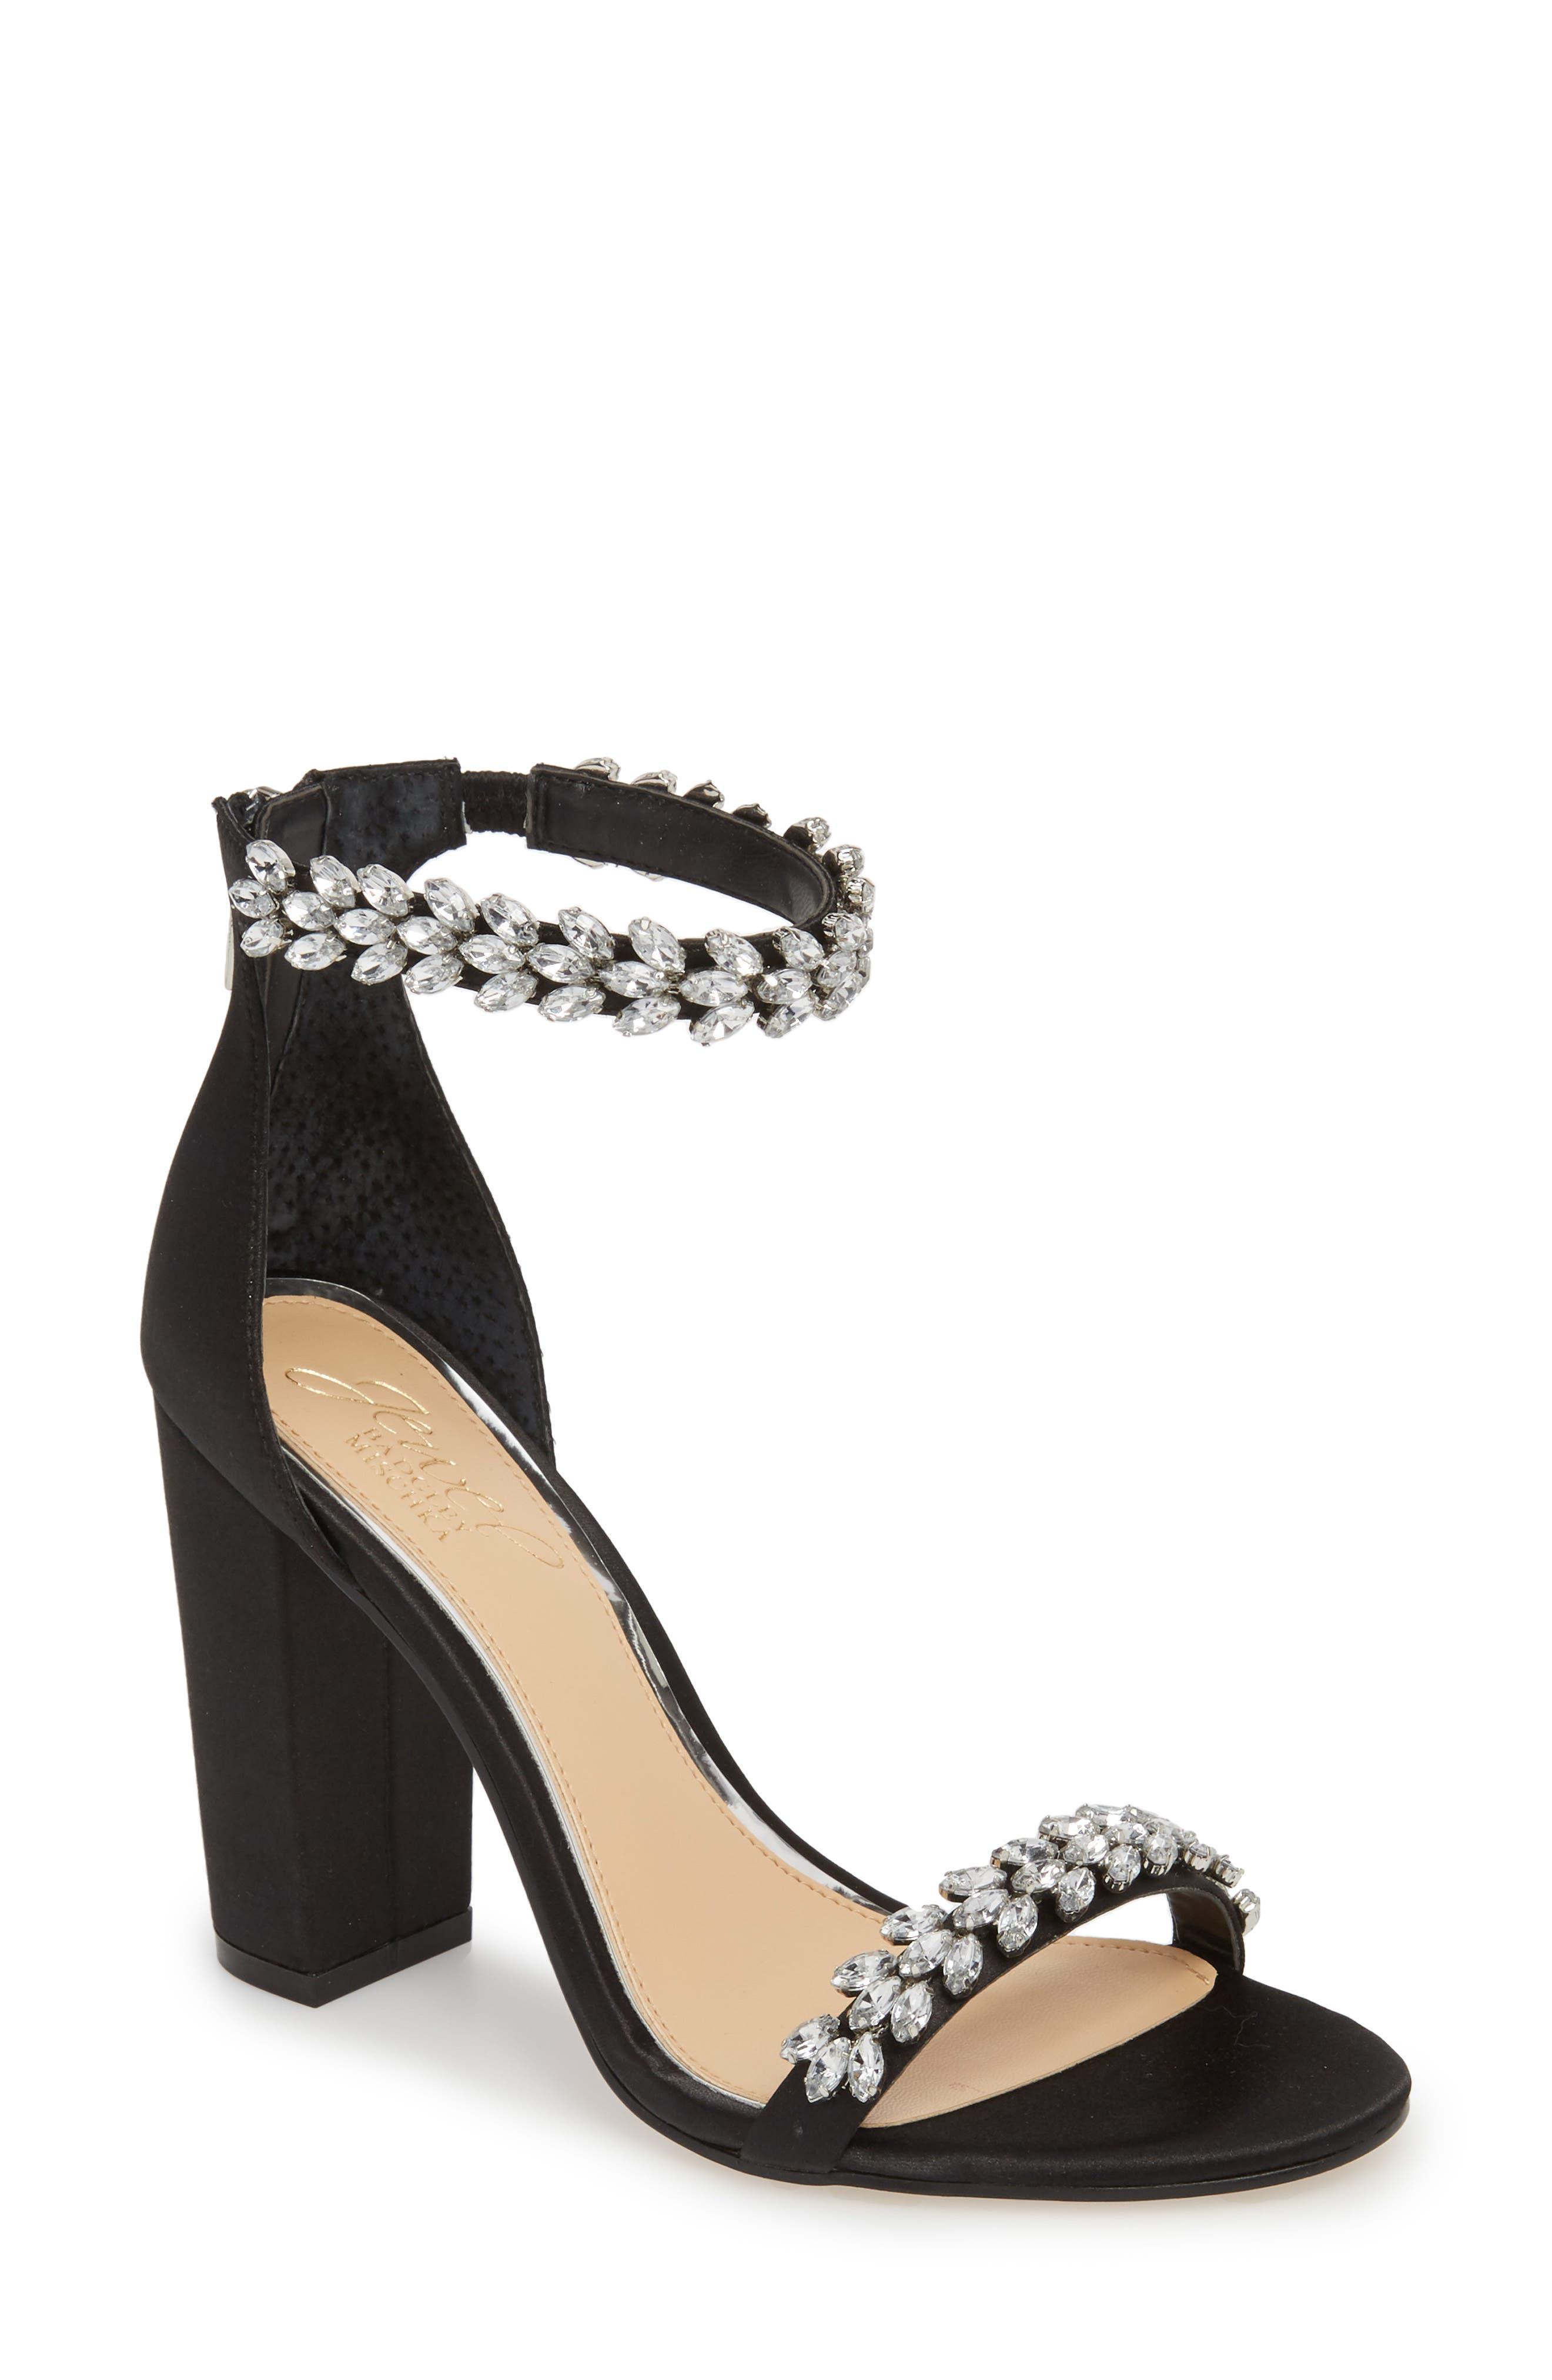 JEWEL BADGLEY MISCHKA,                             Jewel by Badgley Mischka Mayra Embellished Ankle Strap Sandal,                             Main thumbnail 1, color,                             BLACK SATIN